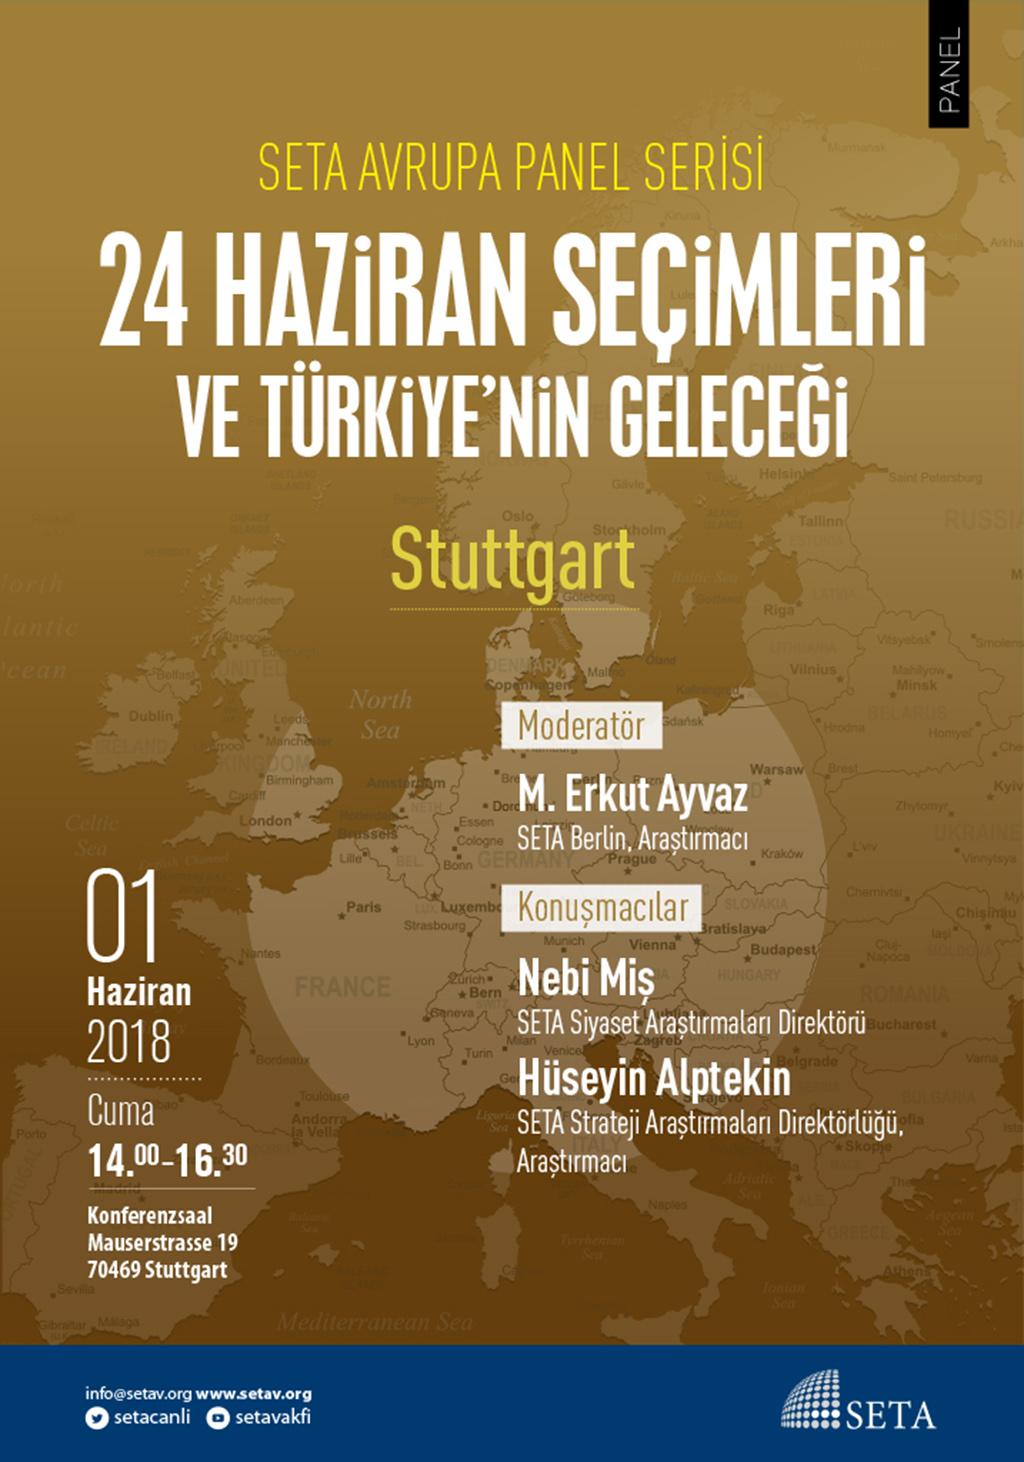 Panel: Stuttgart | 24 Haziran Seçimleri ve Türkiye'nin Geleceği